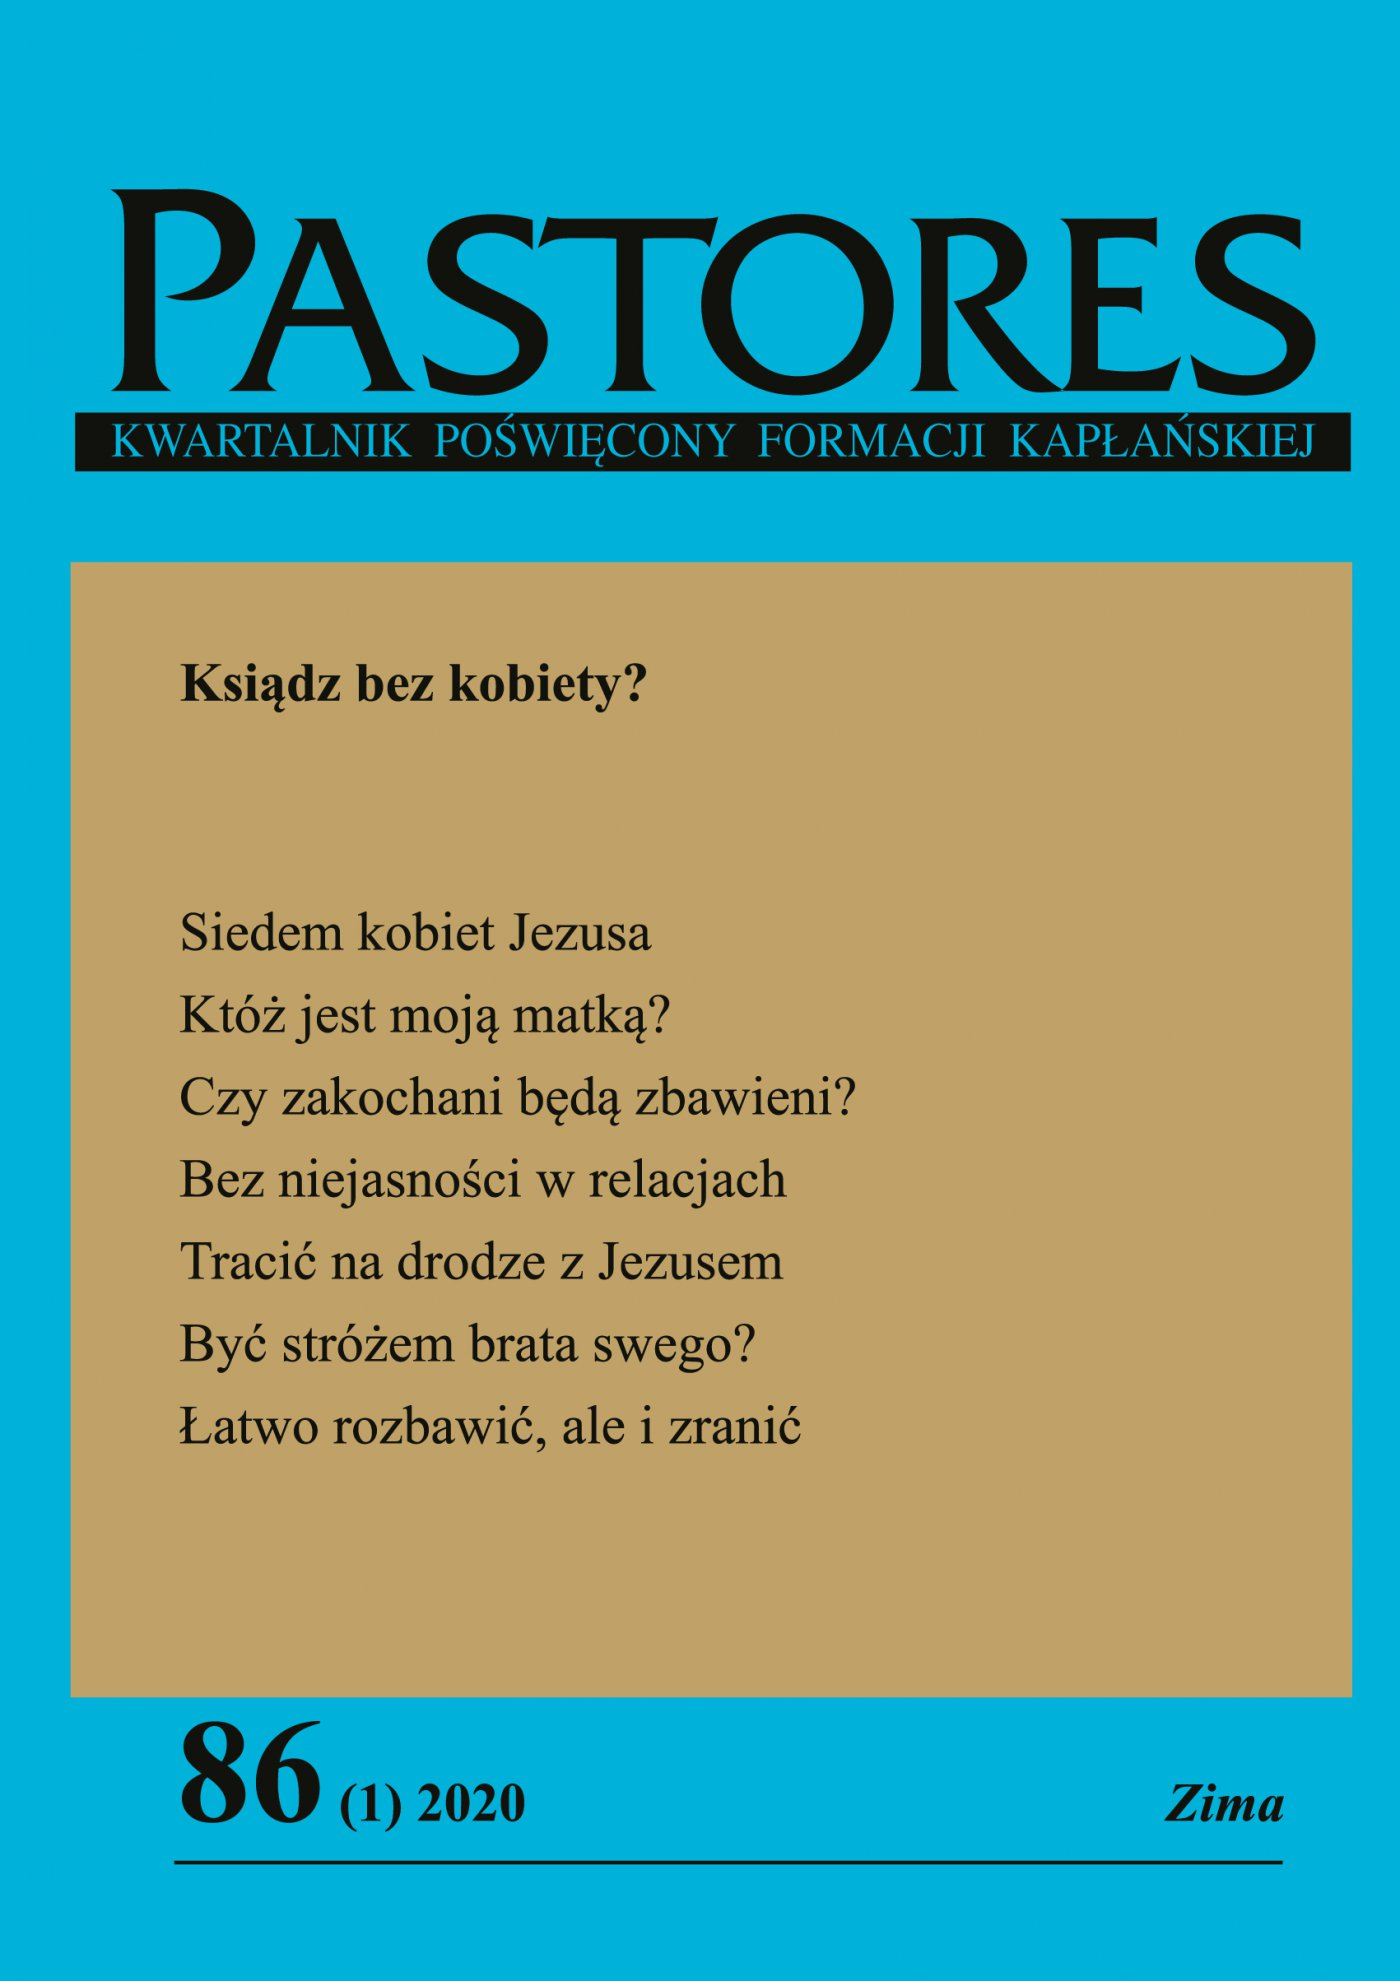 Pastores 86 (1) 2020 - Ebook (Książka EPUB) do pobrania w formacie EPUB